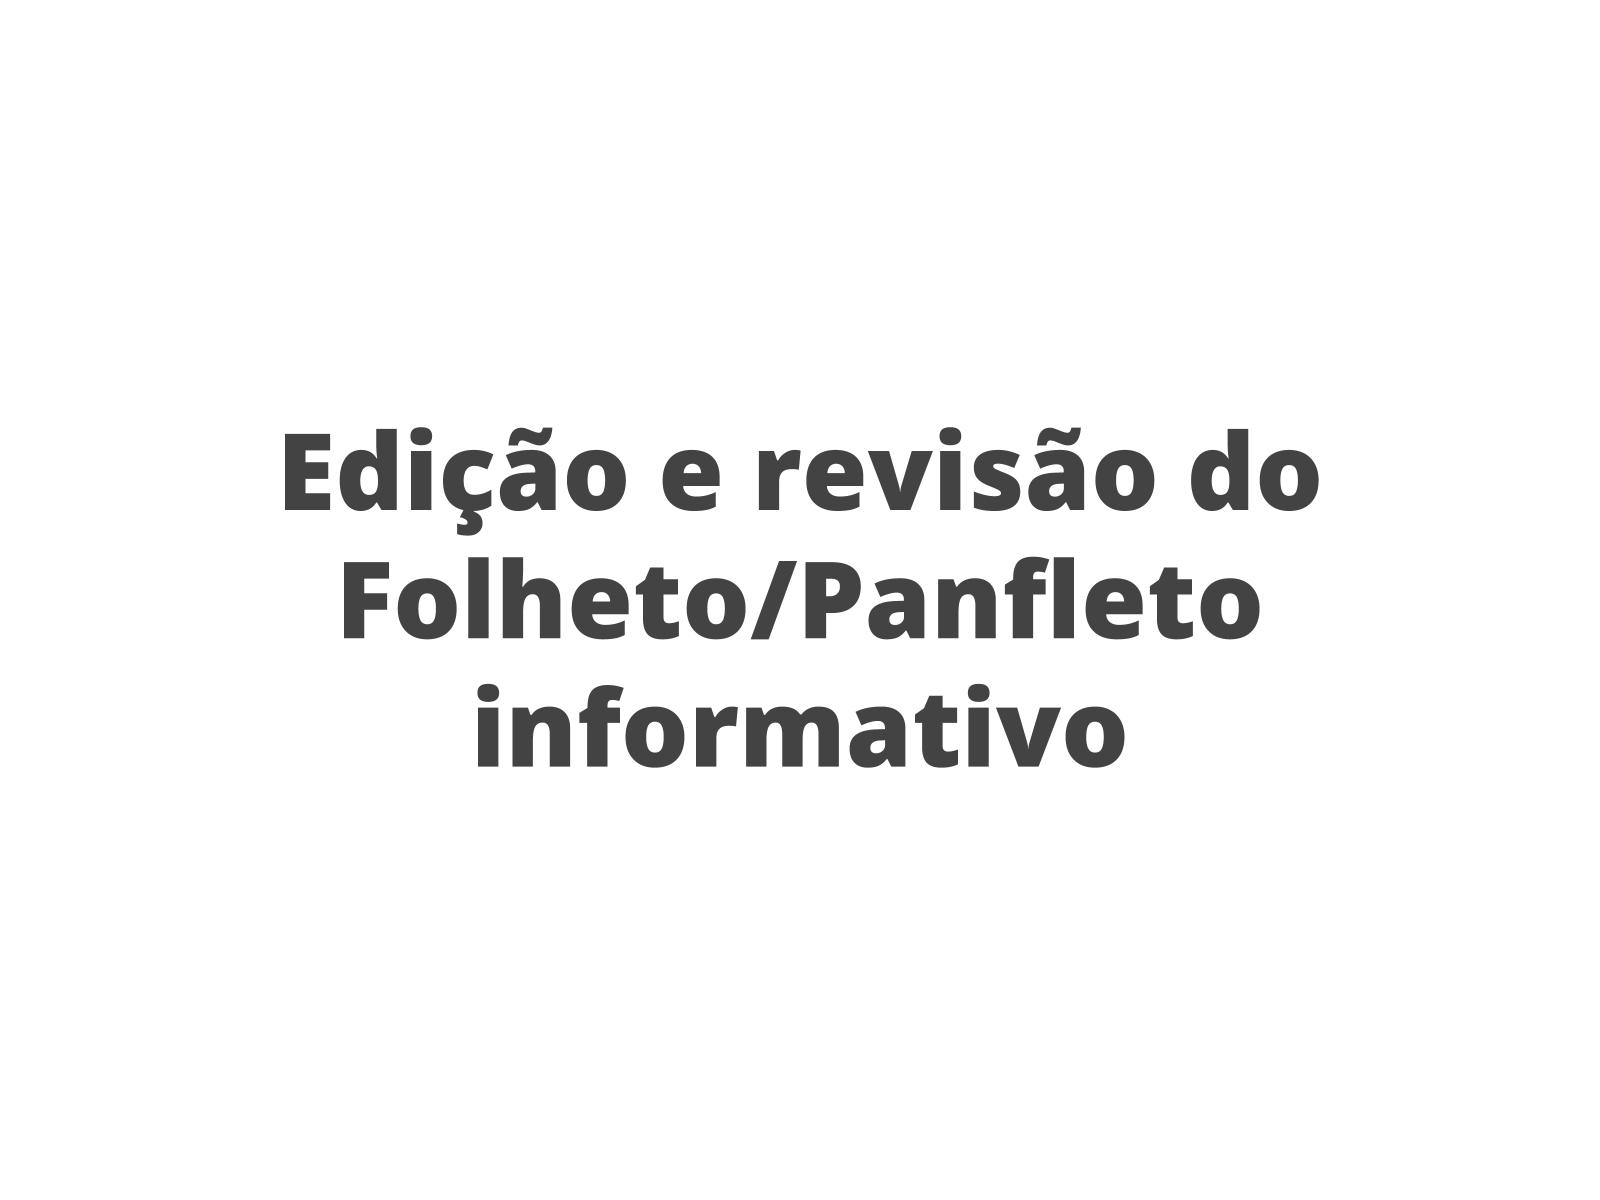 Produção do Folheto/Panfleto informativo: edição e revisão